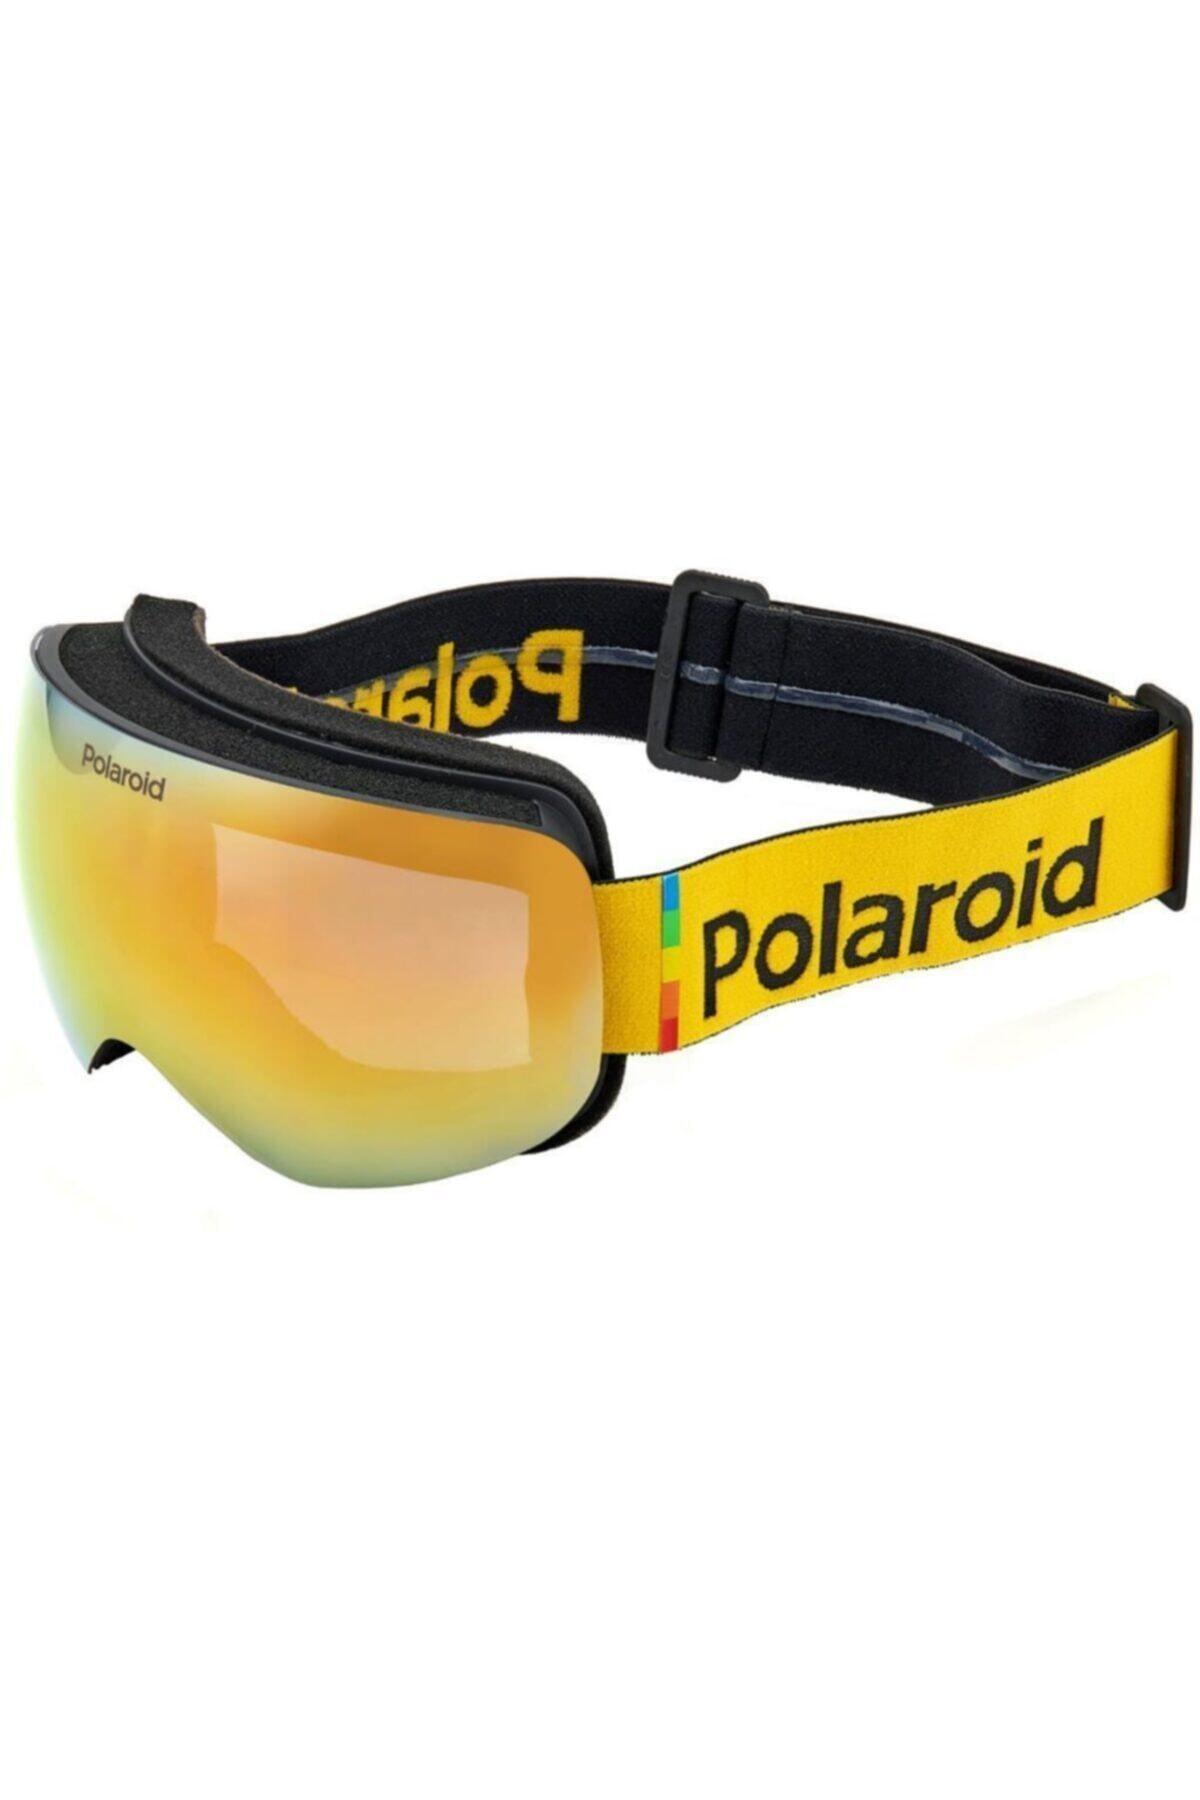 Polaroid Mask 01 9ks A2 Polarize Kayak Gözlüğü 1